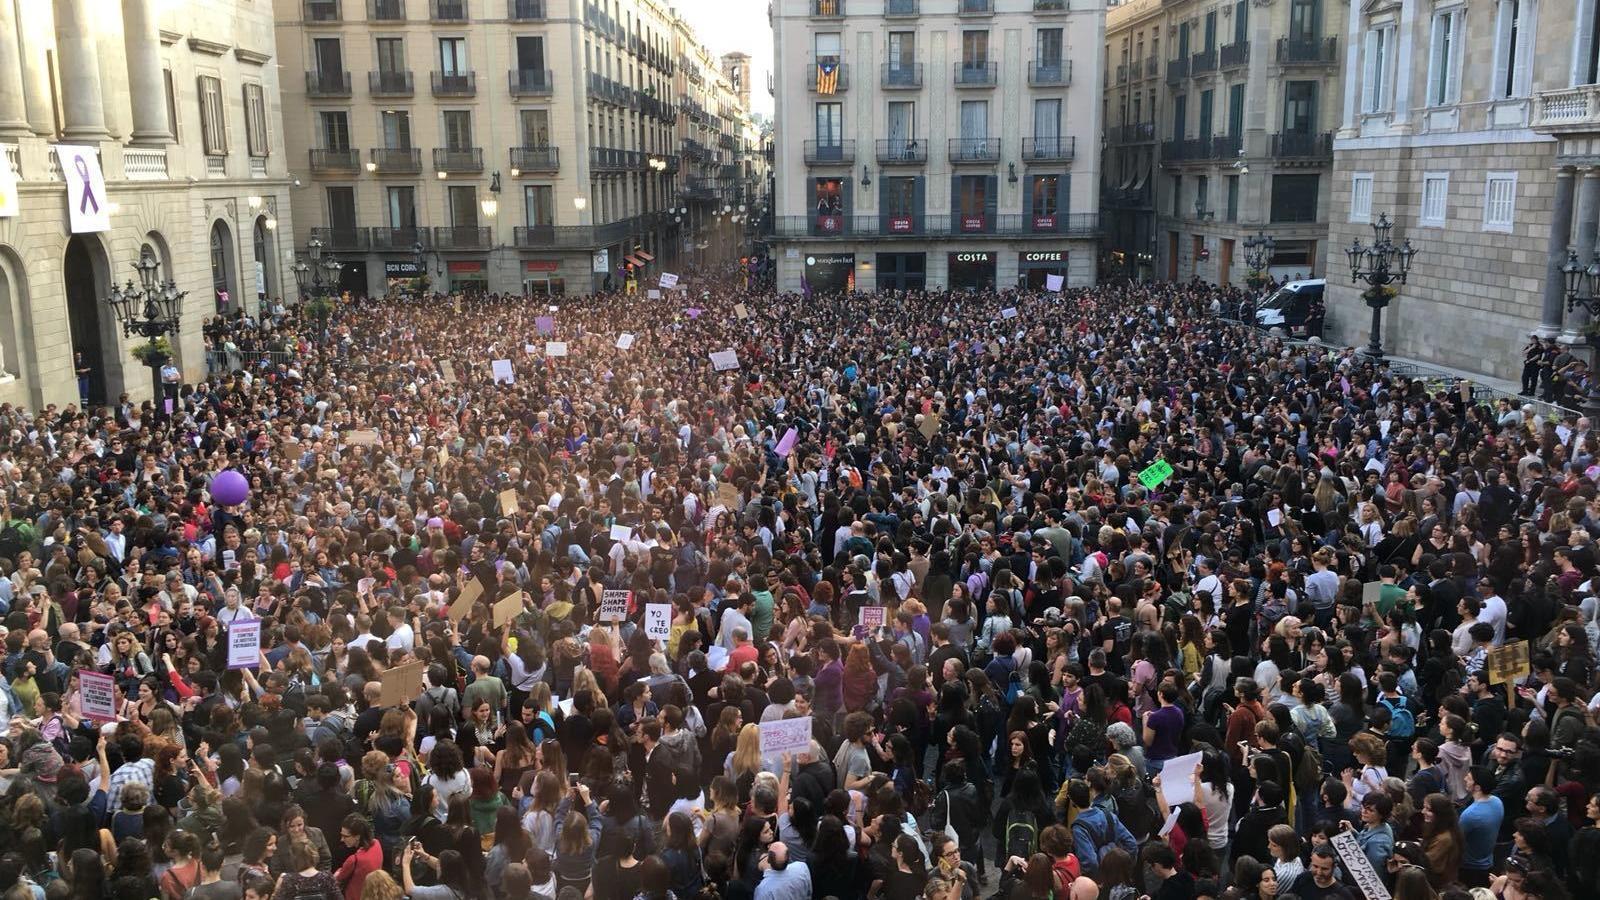 La plaça Sant Jaume ha quedat plena durant la concentració / E.B.